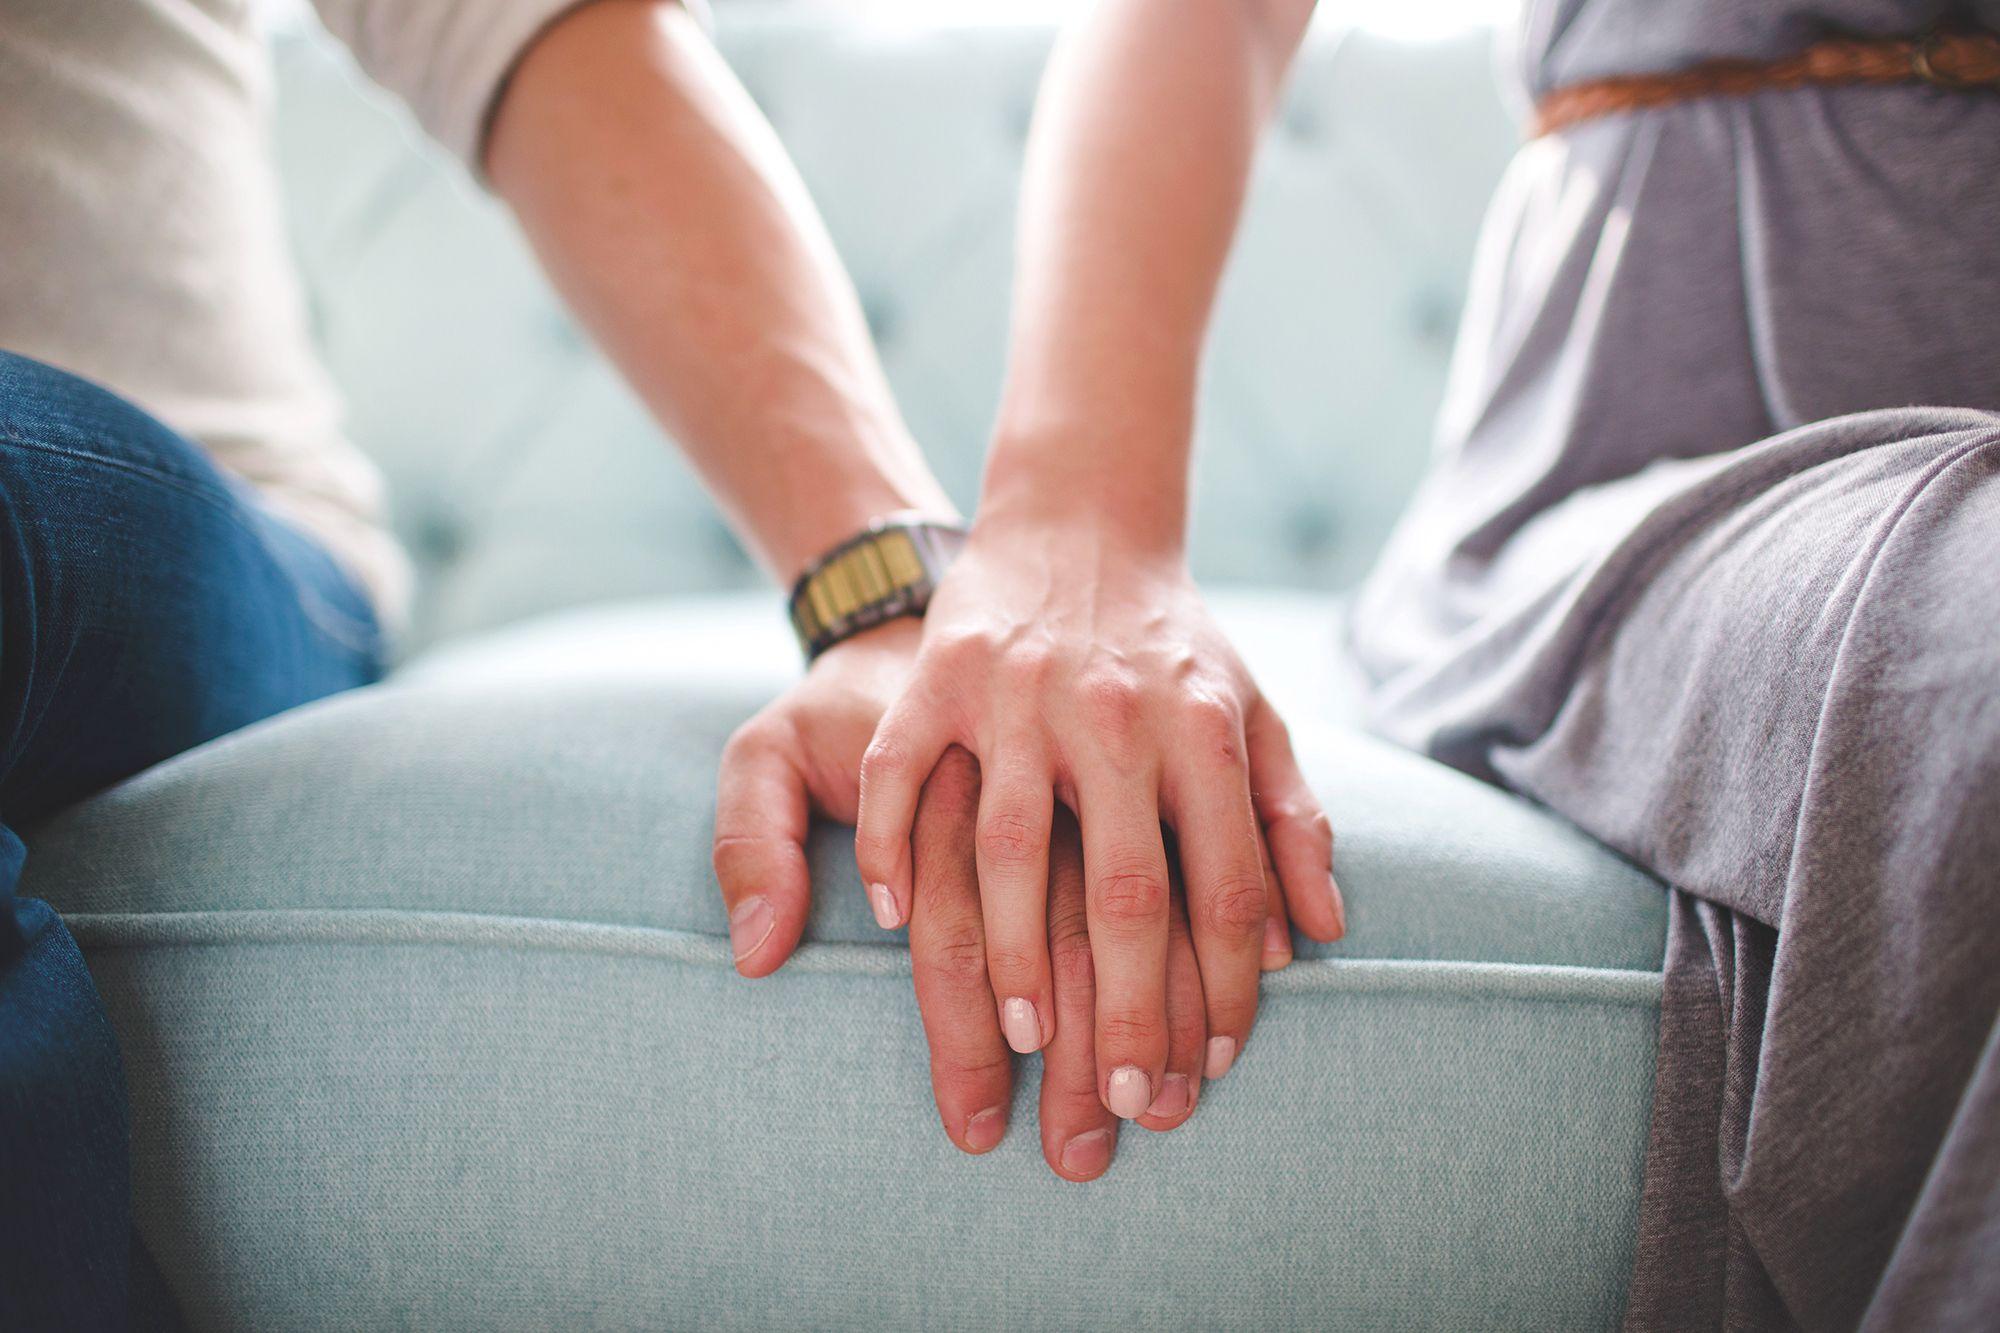 How to Get a Boyfriend - How to Find a Boyfriend